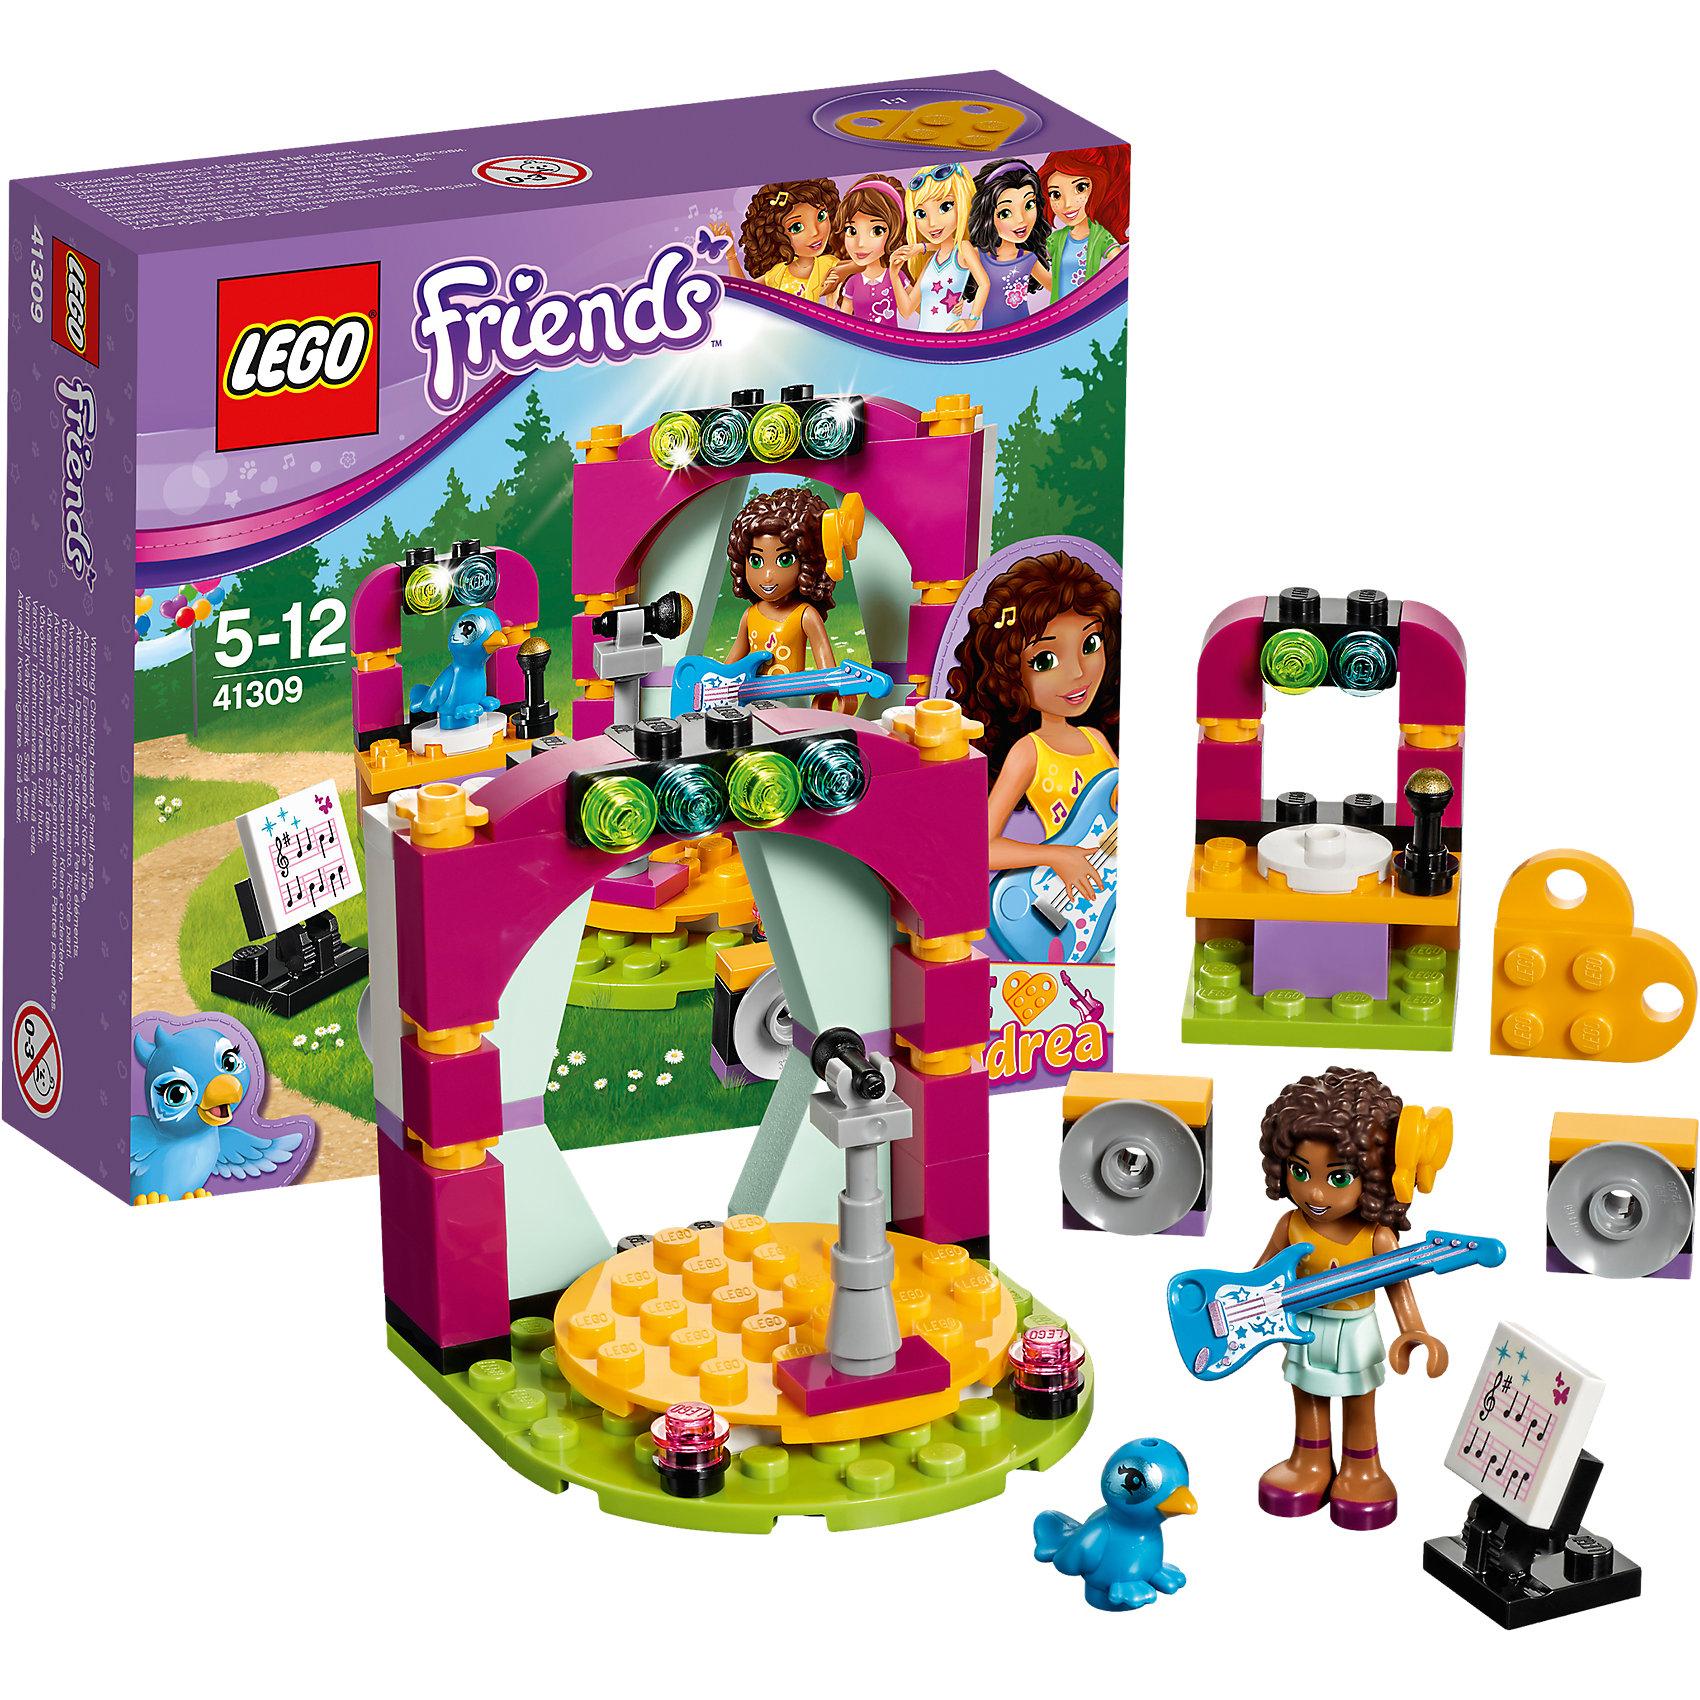 LEGO Friends 41309: Музыкальный дуэт АндреаПластмассовые конструкторы<br>LEGO Friends 41309: Музыкальный дуэт Андреа<br><br>Характеристики:<br><br>- в набор входит: детали студии, фигурка Андреа, птичка, аксессуары, красочная инструкция<br>- состав: пластик<br>- количество деталей: 86<br>- размер сцены: 6 * 6 * 6 см.<br>- размер стойки для птицы: 4 * 3 * 3 см.<br>- для детей в возрасте: от 5 до 12 лет<br>- Страна производитель: Дания/Китай/Чехия<br><br>Легендарный конструктор LEGO (ЛЕГО) представляет серию «Friends» (Друзья) в которую входят наборы конструкторов интересных не только в строительстве, но и в игре. <br><br>Серия разработана с учетом различных повседневных ситуаций и мест. Андреа просто обожает петь и у нее это отлично получается, вместе со своей райской птичкой по имени Клео она устраивает выступления и поет с ней дуэтом. Ее музыкальная студия полностью оборудована для отличных уроков музыки, тут она учится играть на электрогитаре по нотам и поет на сцене, которая может крутиться. Изящная сцена с колоннами и портьерами оснащена отличным светом, такие же софиты установлена на стойке Клео. Для птички установлен собственный микрофон, чтобы она могла петь вместе с Андреа. <br><br>Фигурка Андреа отлично проработана, ее рельефные волосы уложены в красивую прическу и она носит желтый бант. Ее наряд отлично подходит для сцены – желтый топ с нотами и белая двух ярусная юбка. Фигурка может двигать головой, руками, торсом и принимать сидячее положение. Фигурка птички надежно вставляется в детали лего, а благодаря специальному отверстию можно одевать на нее аксессуары. В набор входит желтая деталь-кулончик серии LEGO «Friends». <br><br>Играя с конструктором ребенок развивает моторику рук, воображение и логическое мышление, научится собирать по инструкции и создавать свои модели. Придумывайте новые истории любимых героев с набором LEGO «Friends»!<br><br>Конструктор LEGO Friends 41309: Музыкальный дуэт Андреа можно купить в нашем интернет-магазине.<br><br>Ширина мм: